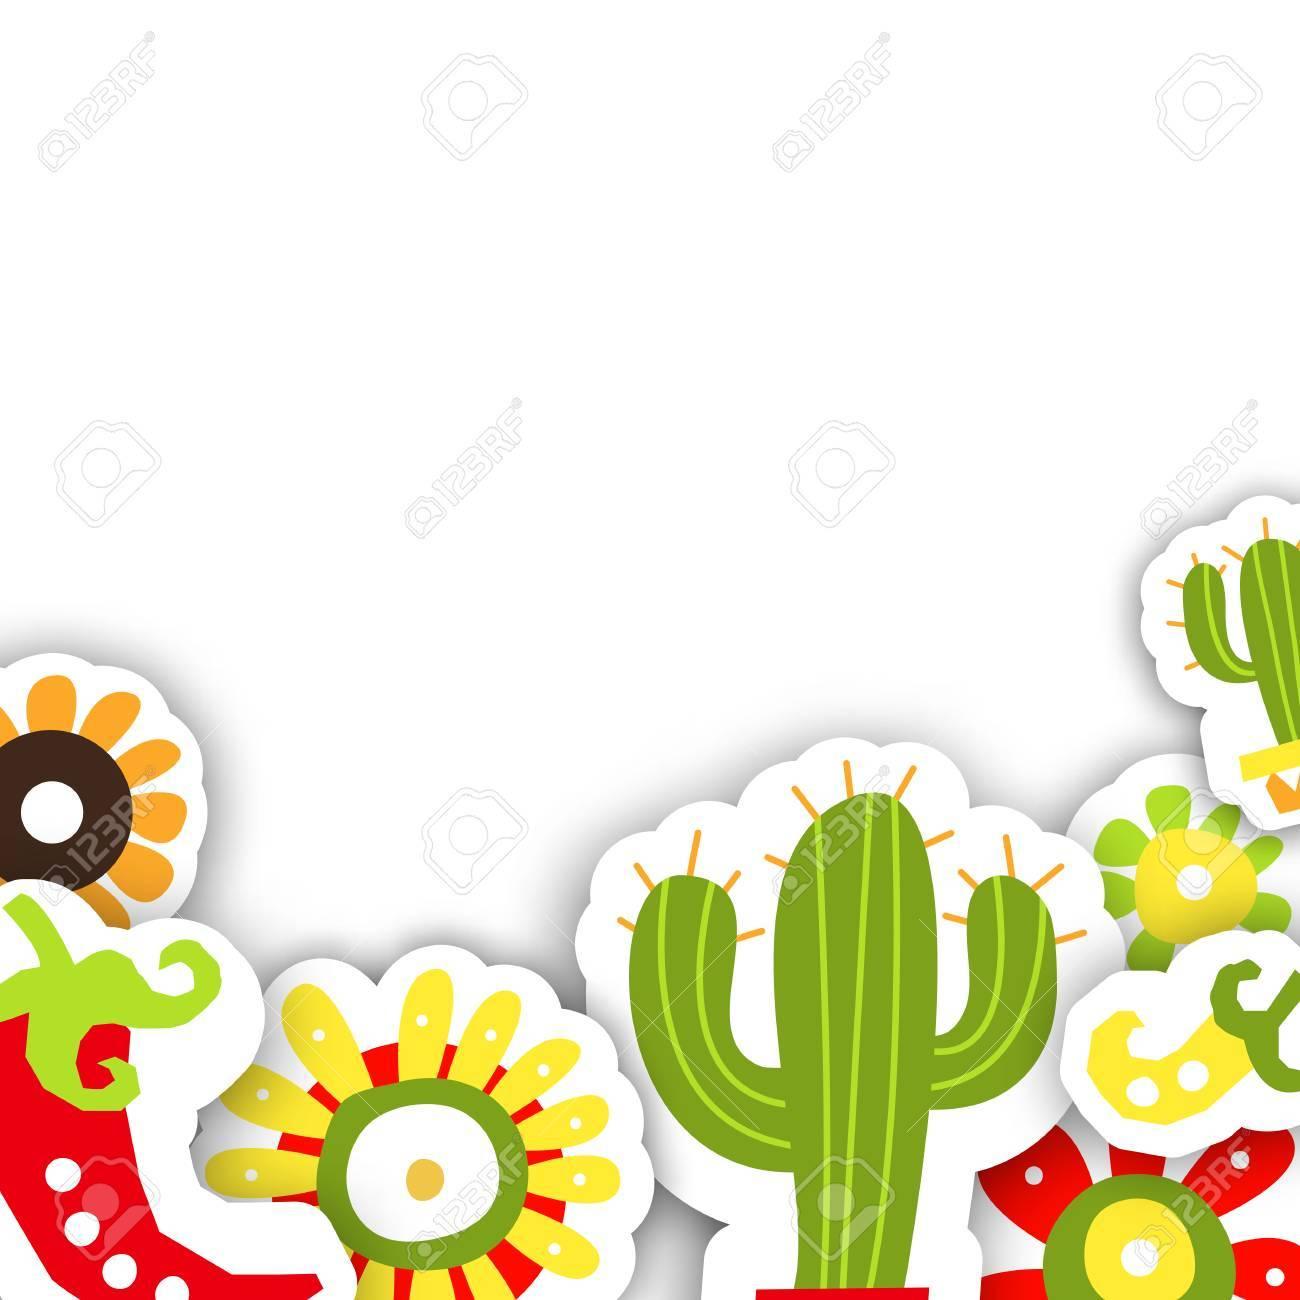 Plantilla De Marco Para La Fiesta Tradicional Mexicana Cinco De Mayo Ilustración Del Vector Para El Diseño De Tarjetas O Invitaciones